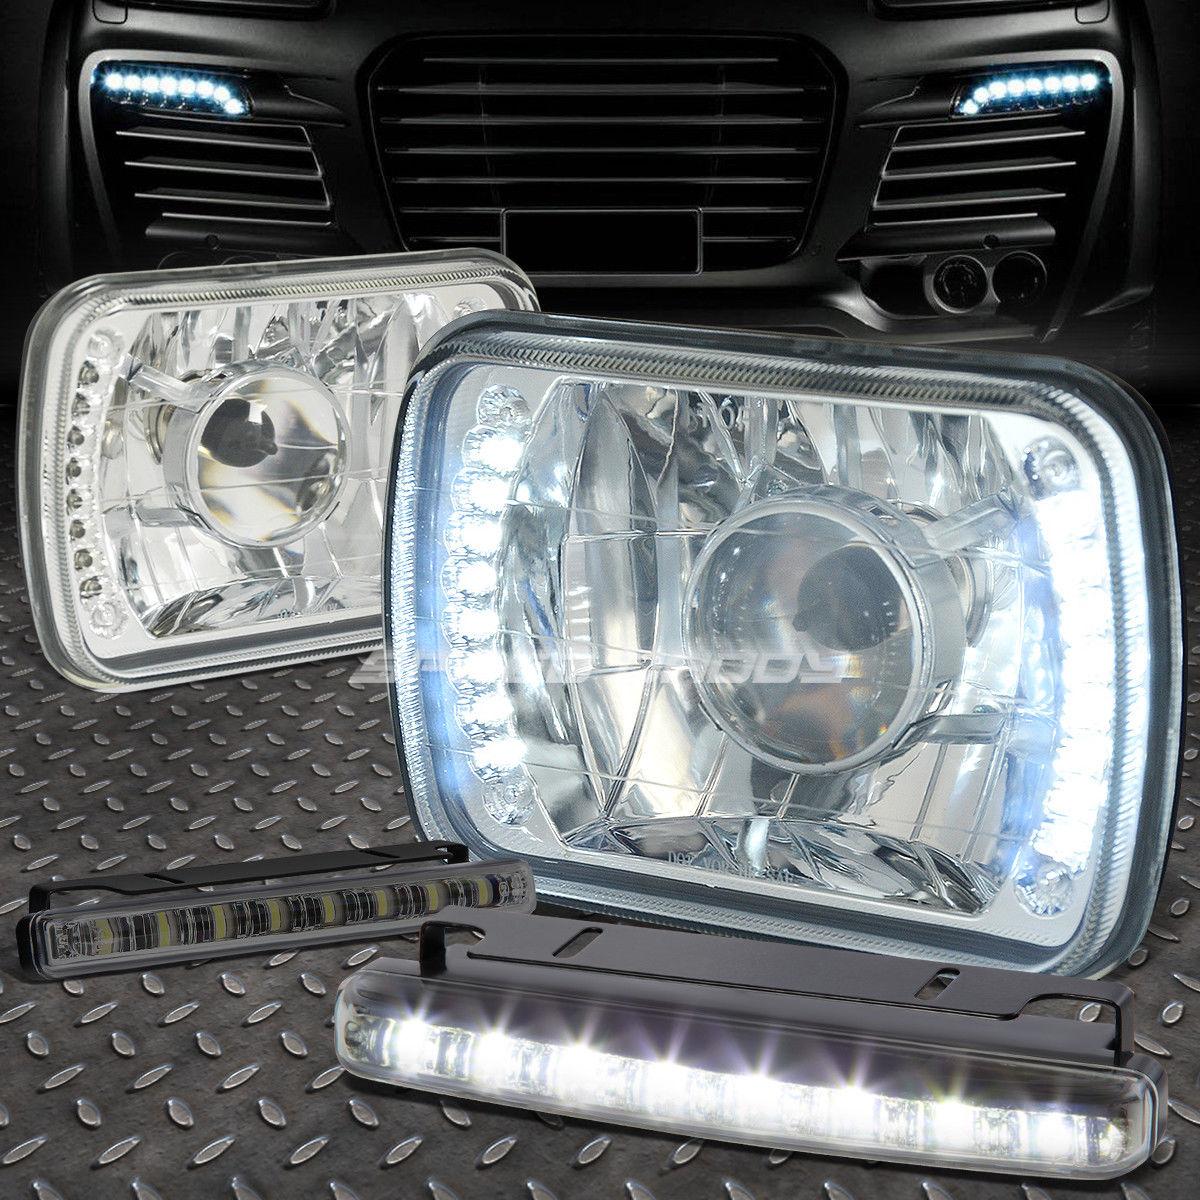 フォグライト SQUARE CHROME PROJECTOR LED HEADLIGHT+8 LED SMOKE FOG LIGHT FOR H6014/H6054 正方形のクロームプロジェクターLEDヘッドライト+ H6014 / H6054のための8つのLED SMOKE FOGライト